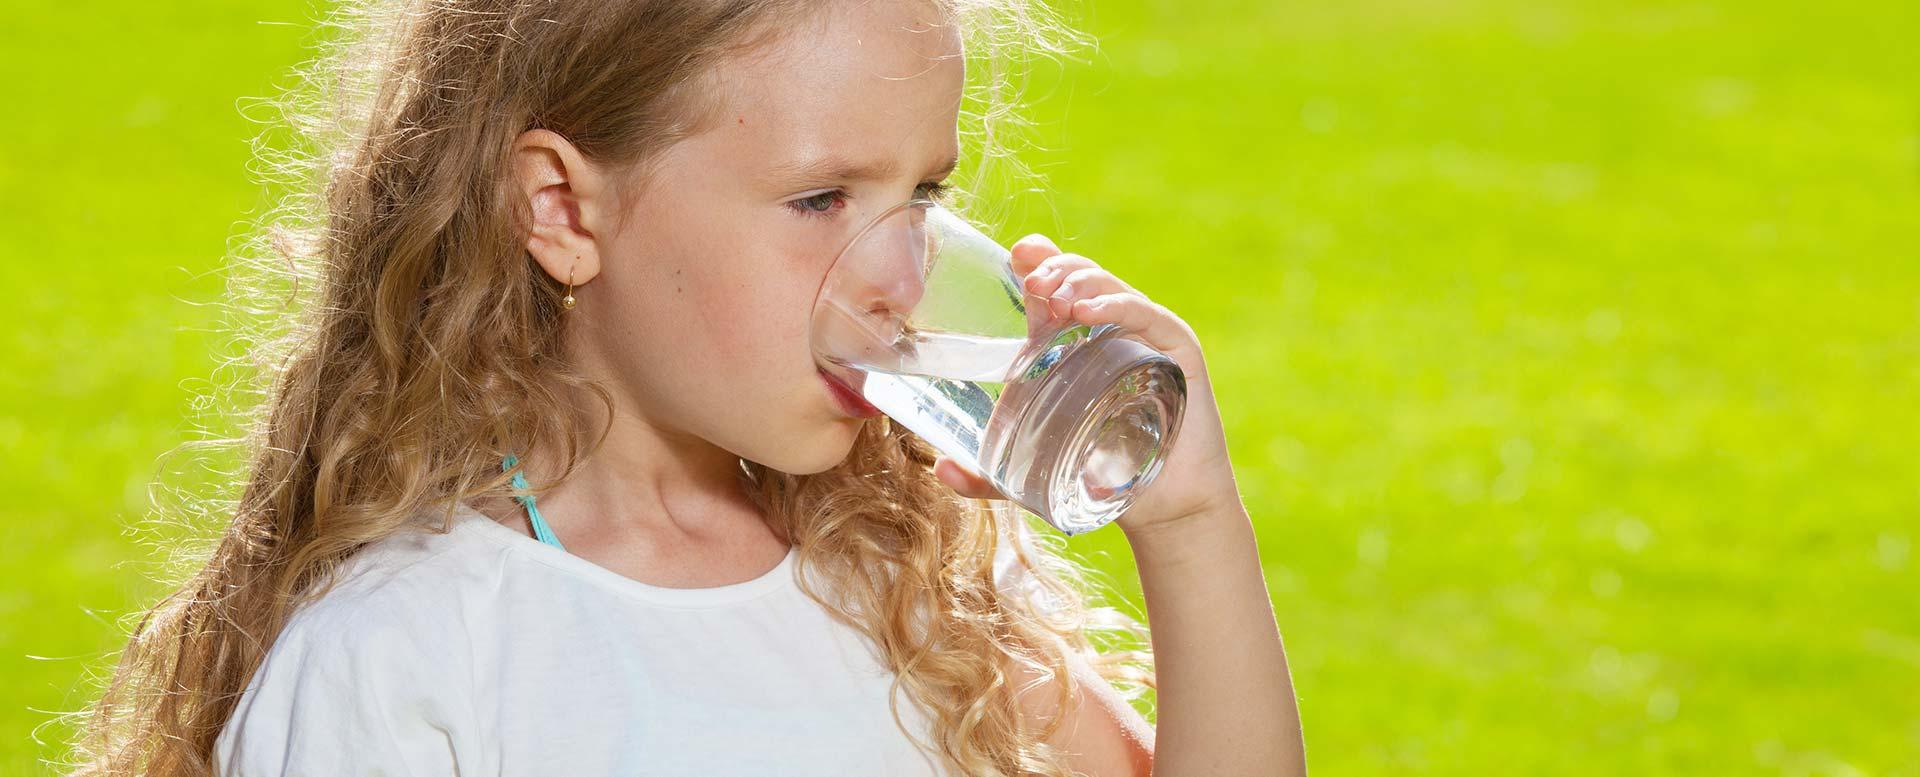 Richtig trinken bei Hitze